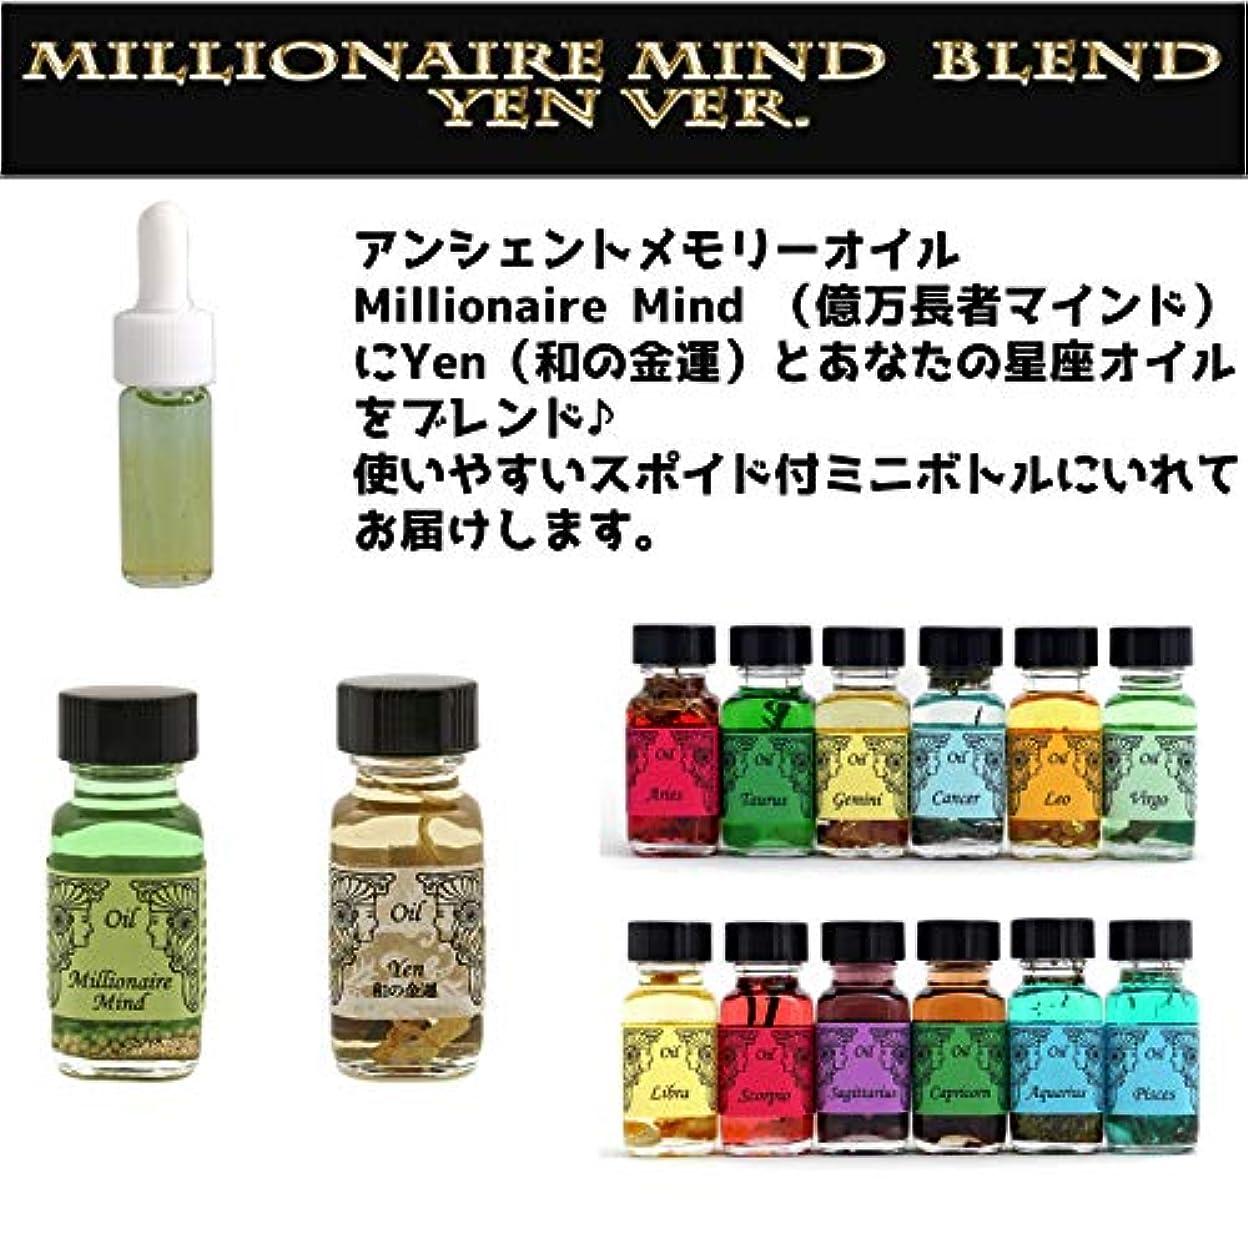 ピカソ流用するロードハウスアンシェントメモリーオイル Millionaire Mind 億万長者マインド ブレンド【Yen 和の金運&みずがめ座】